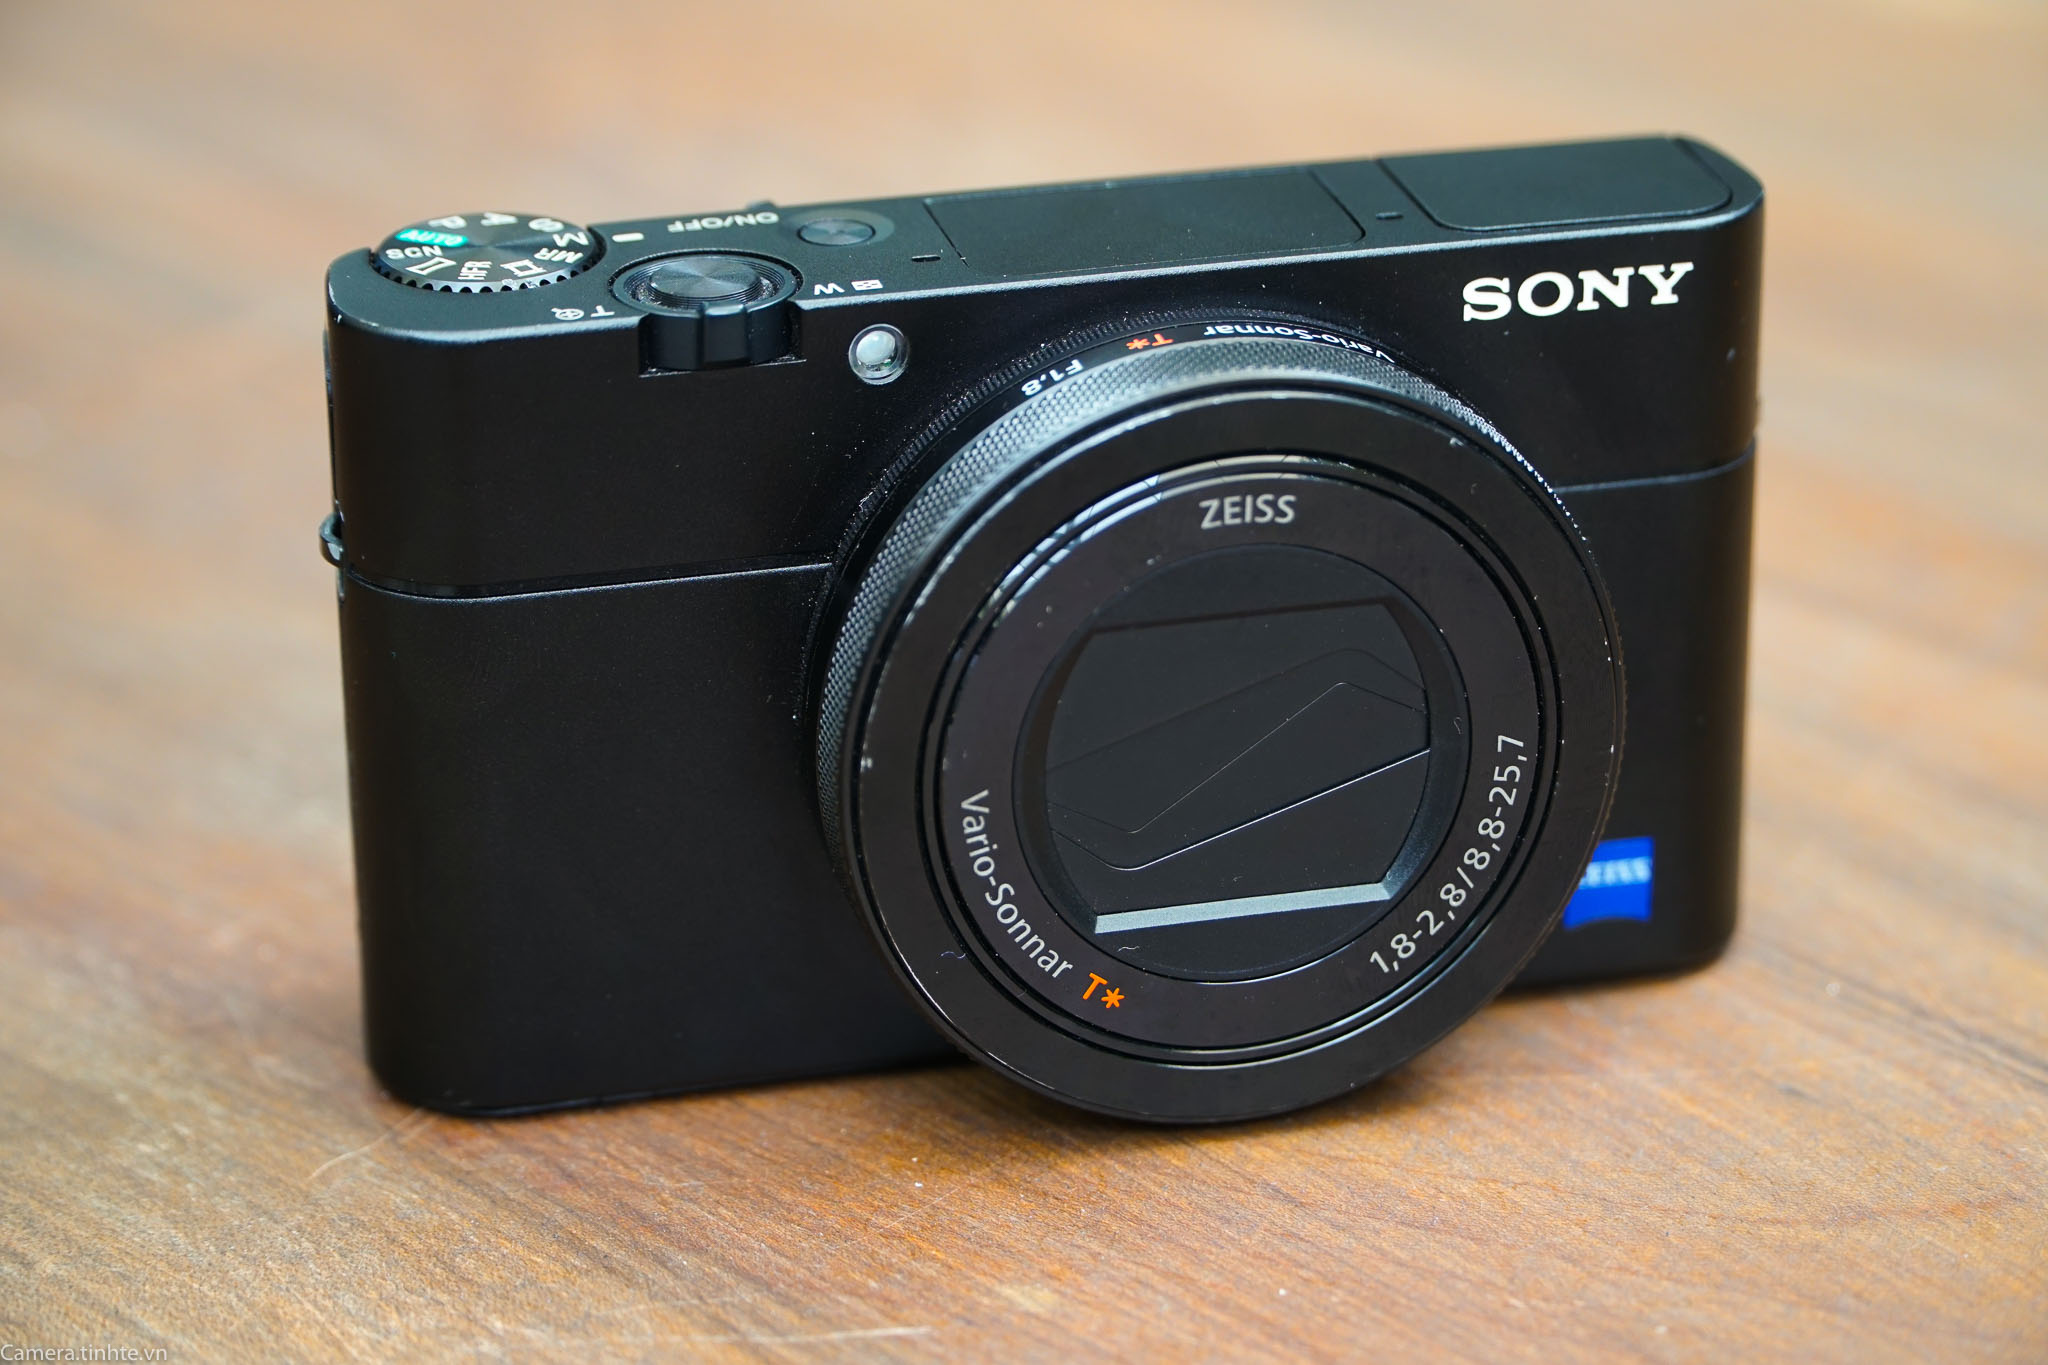 SONY RX100 V - Camera.tinhte.vn-16.jpg